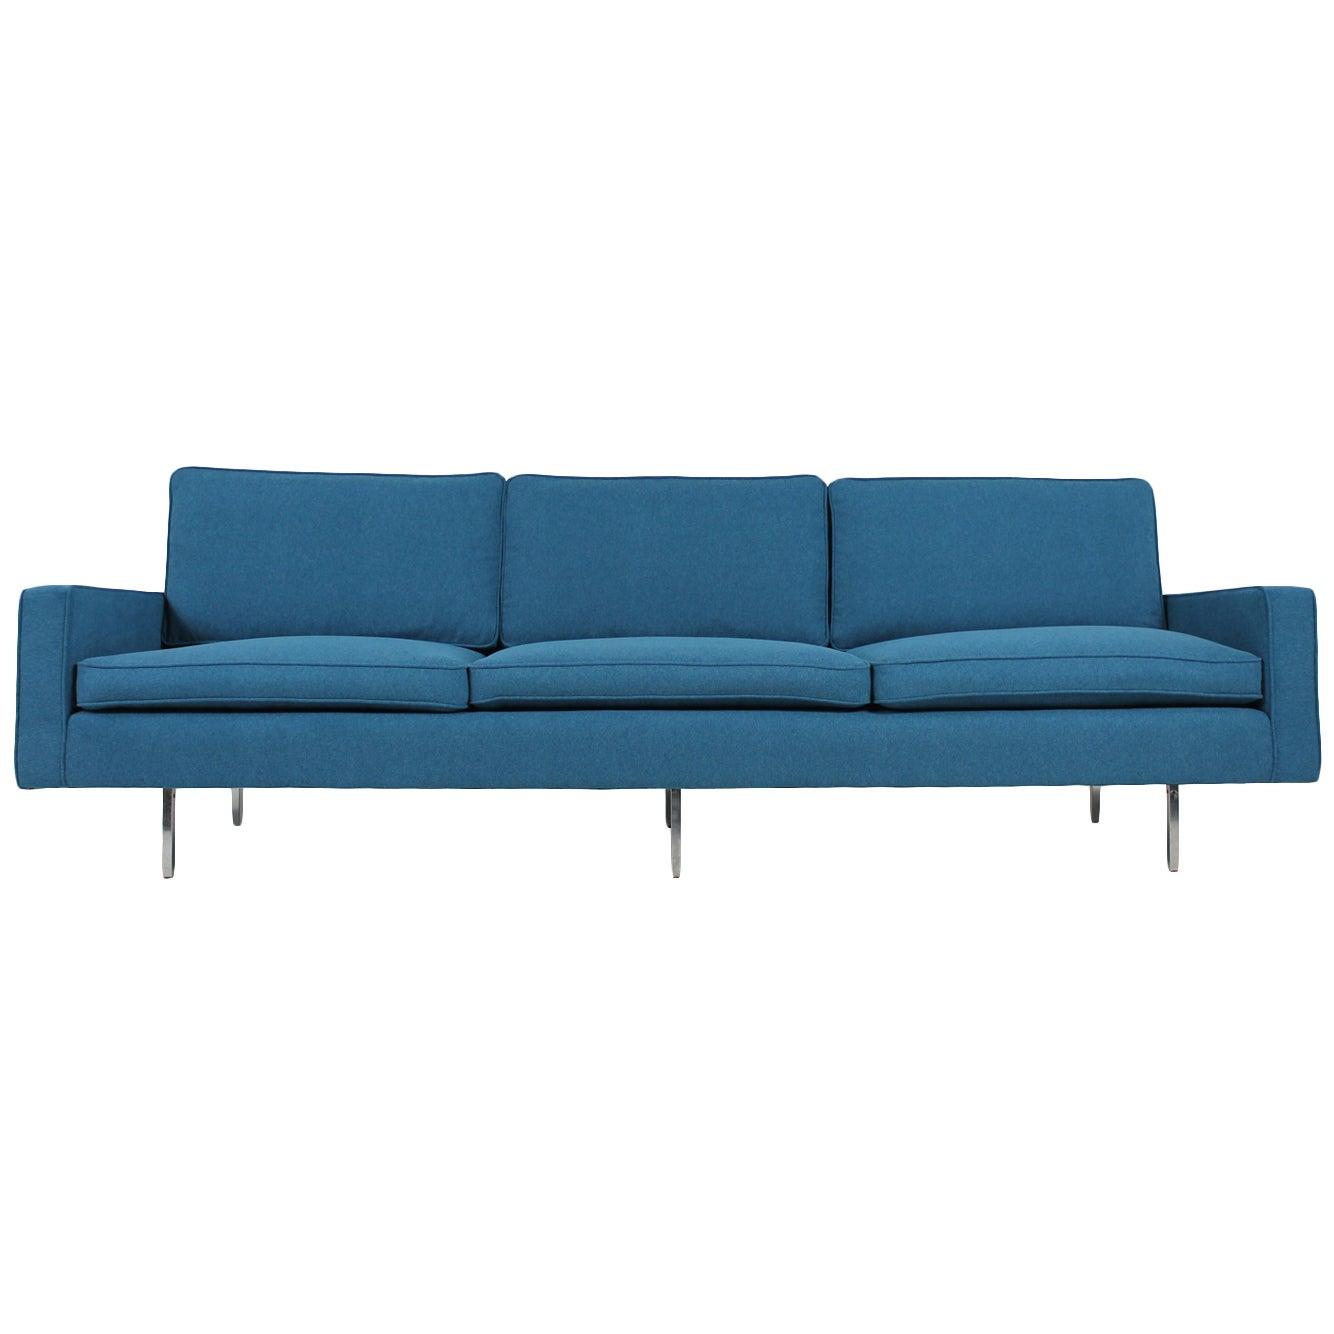 Florence Knoll Sofa Mod 25 Bc